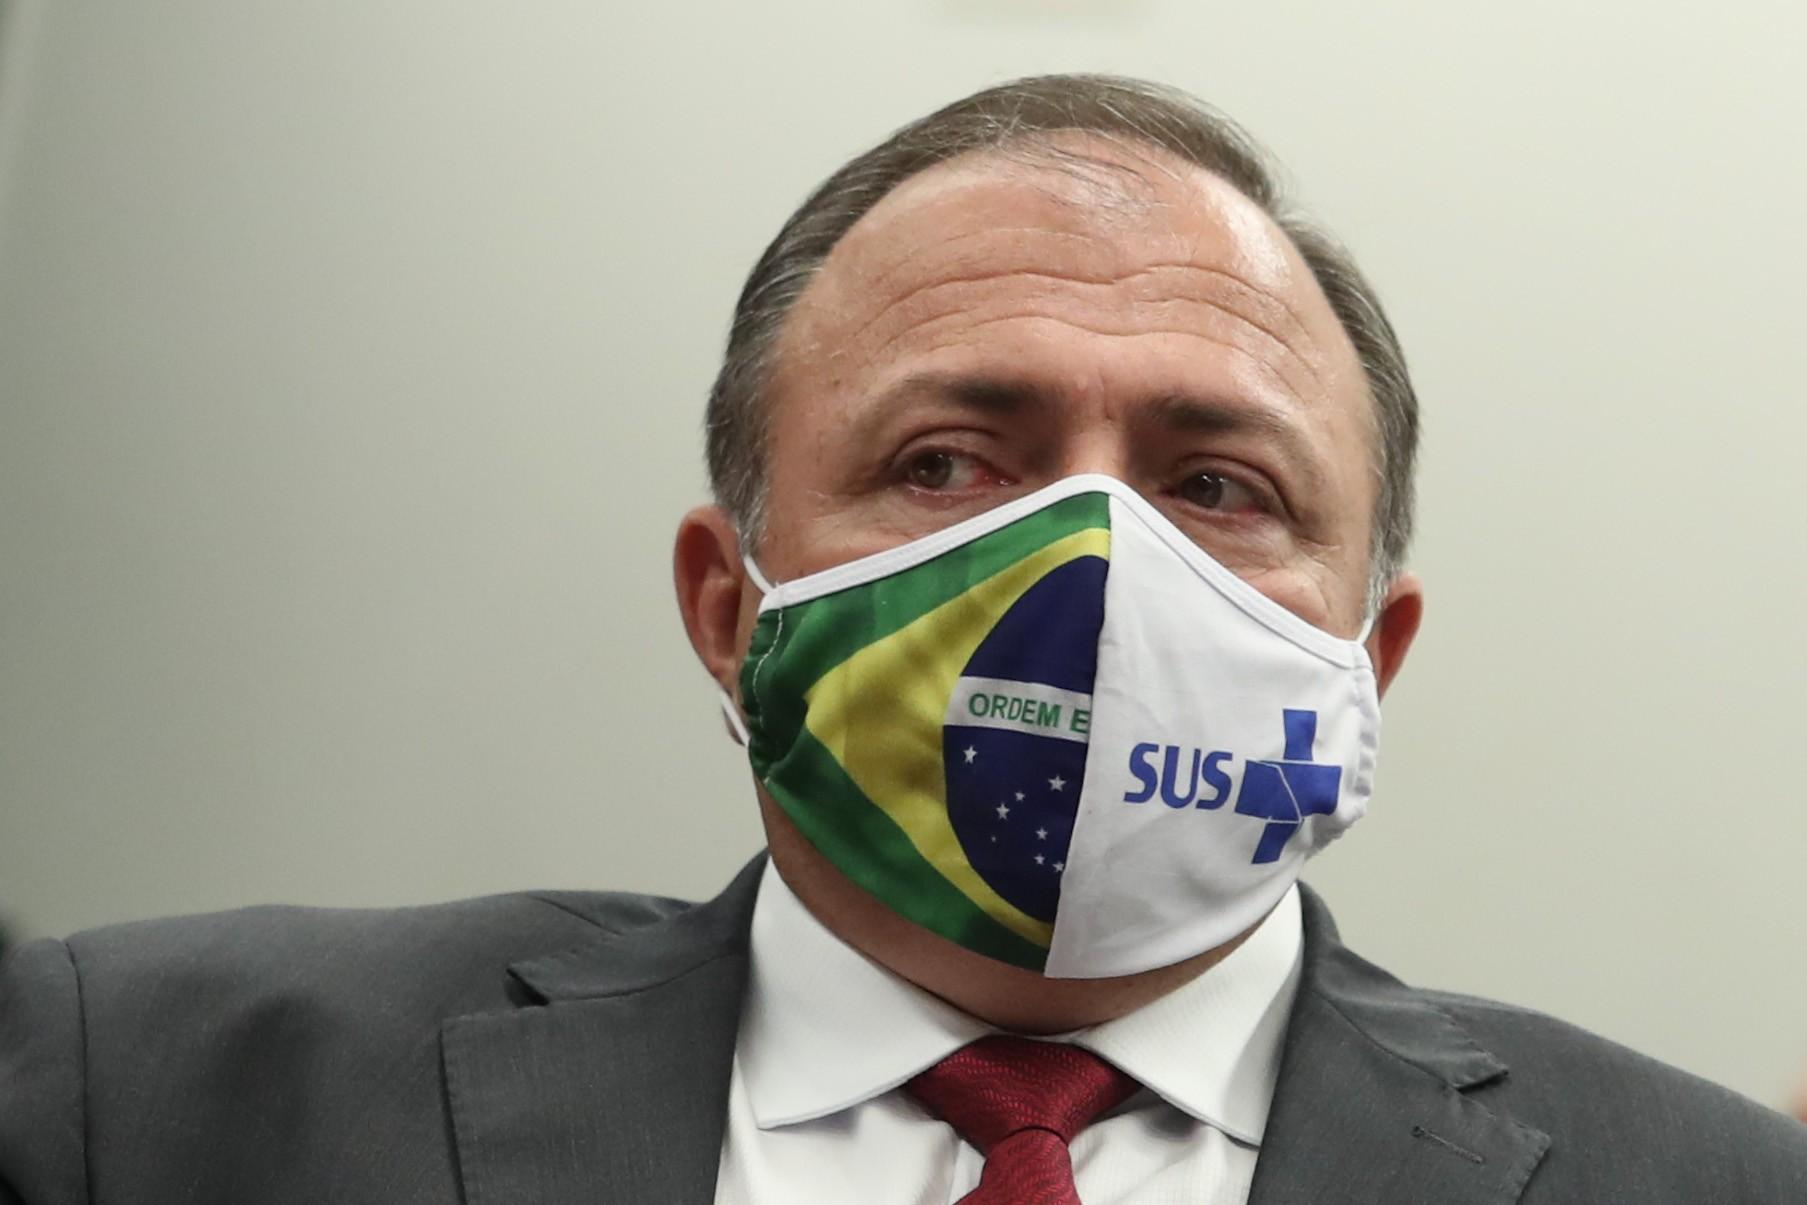 Militarem reforçam pressão para Pazuello pedir reserva, mas criticam fala de Gilmar